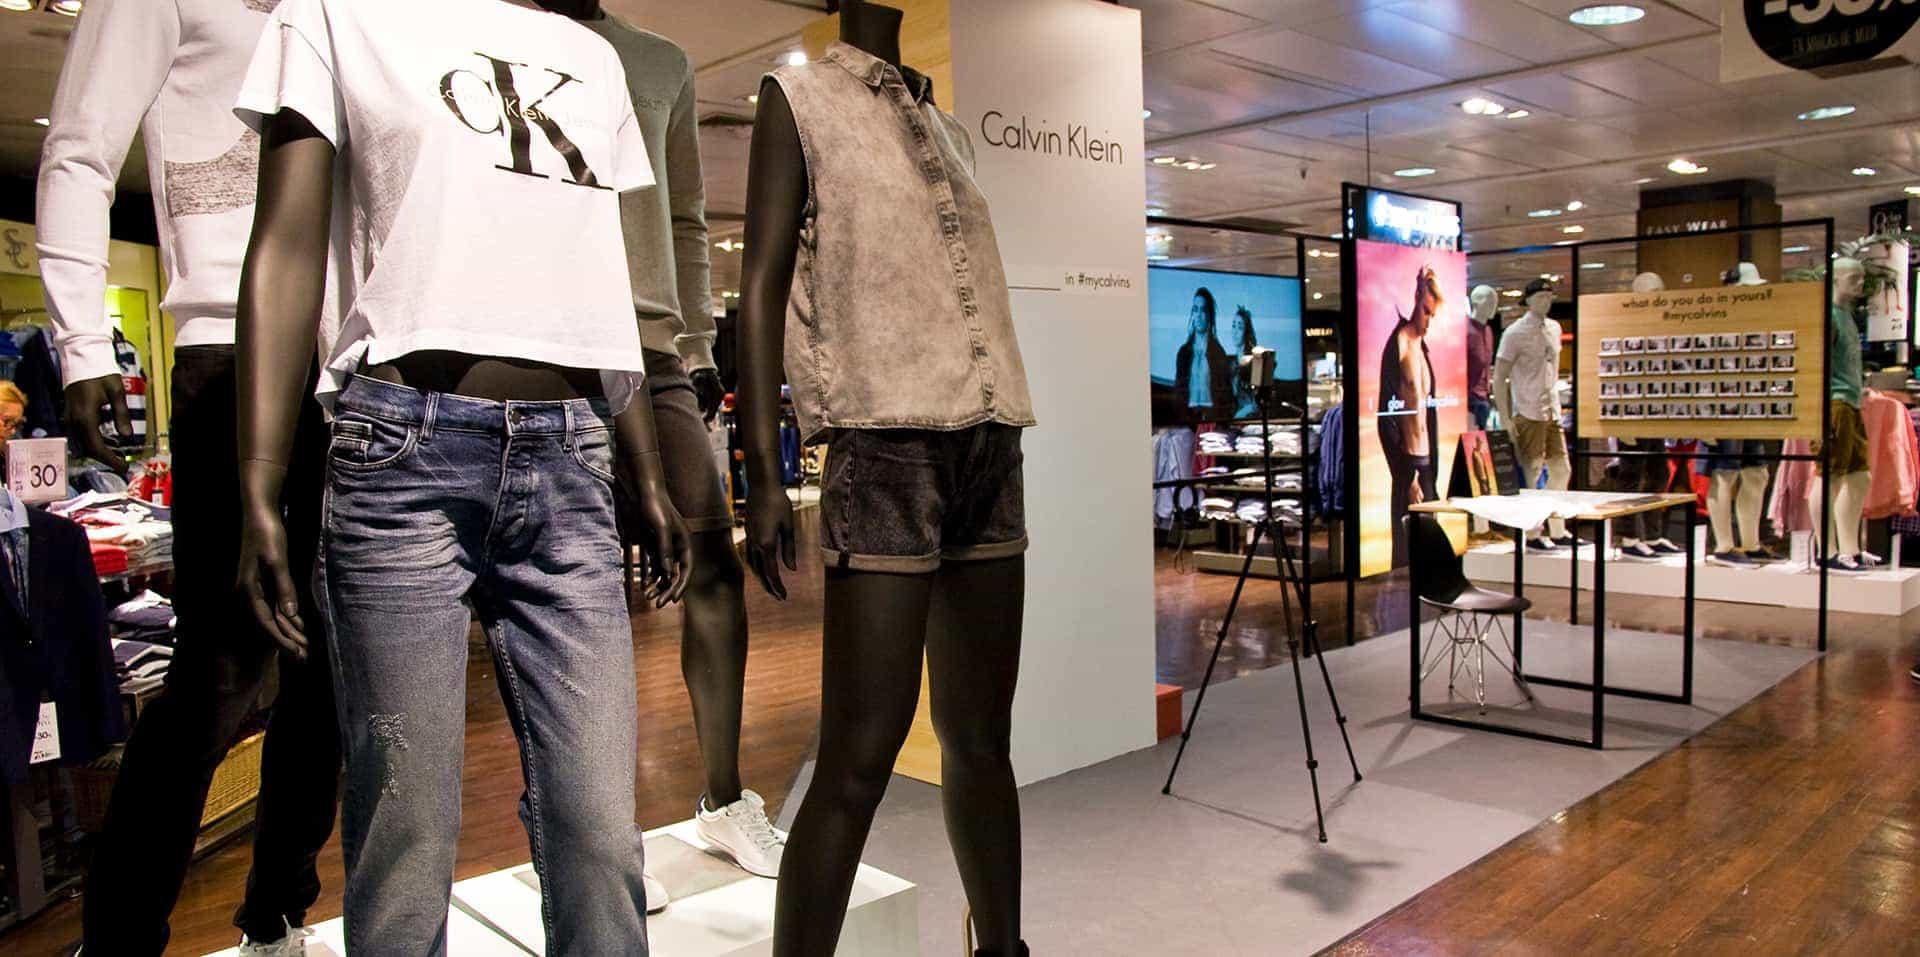 Calvin Klein es una marca centrada en sus seguidores, con ideales progresivos y atrevidos